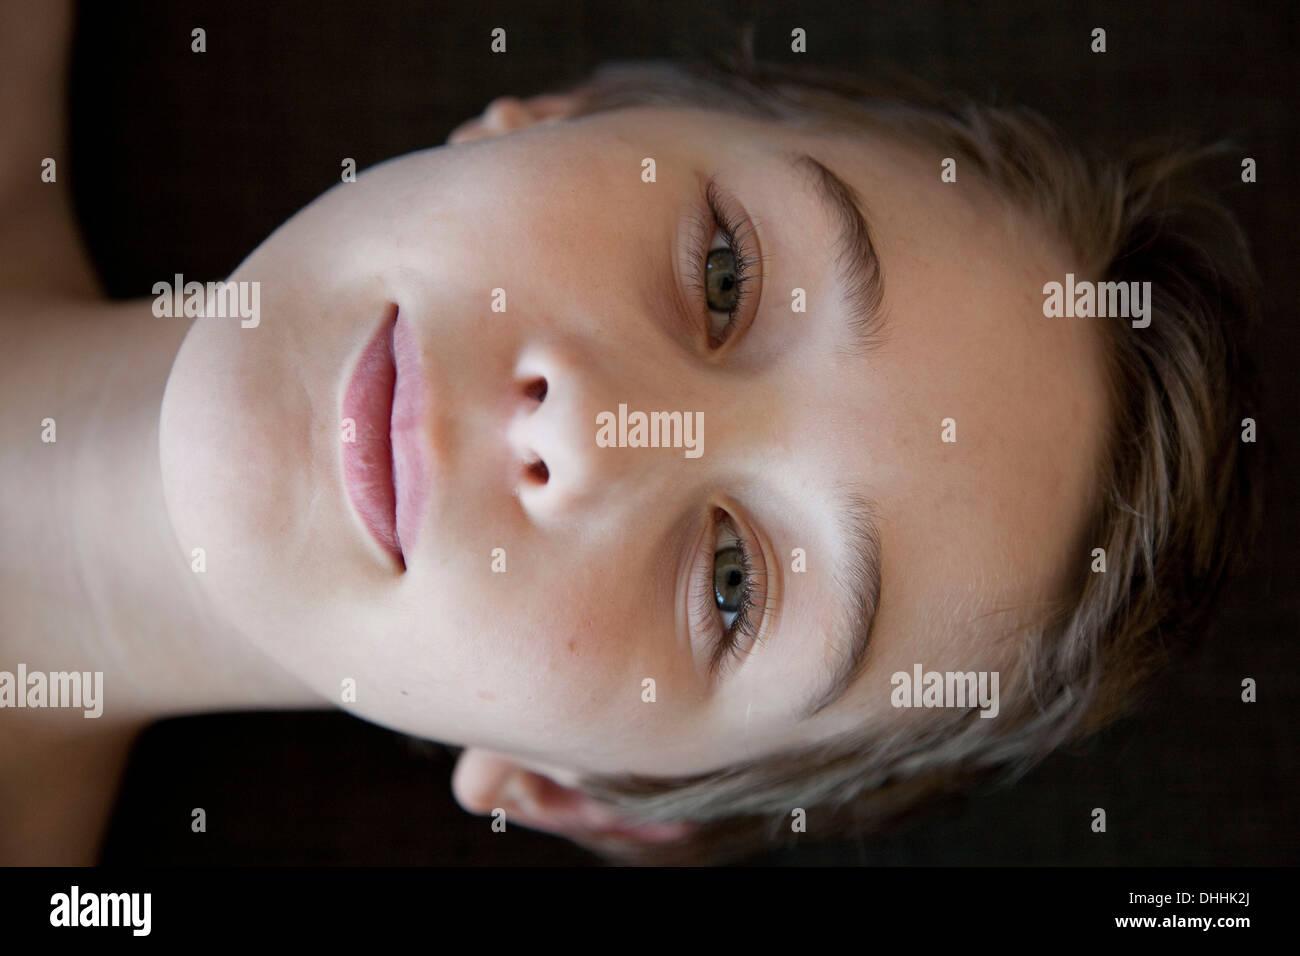 Headshot of boy - Stock Image